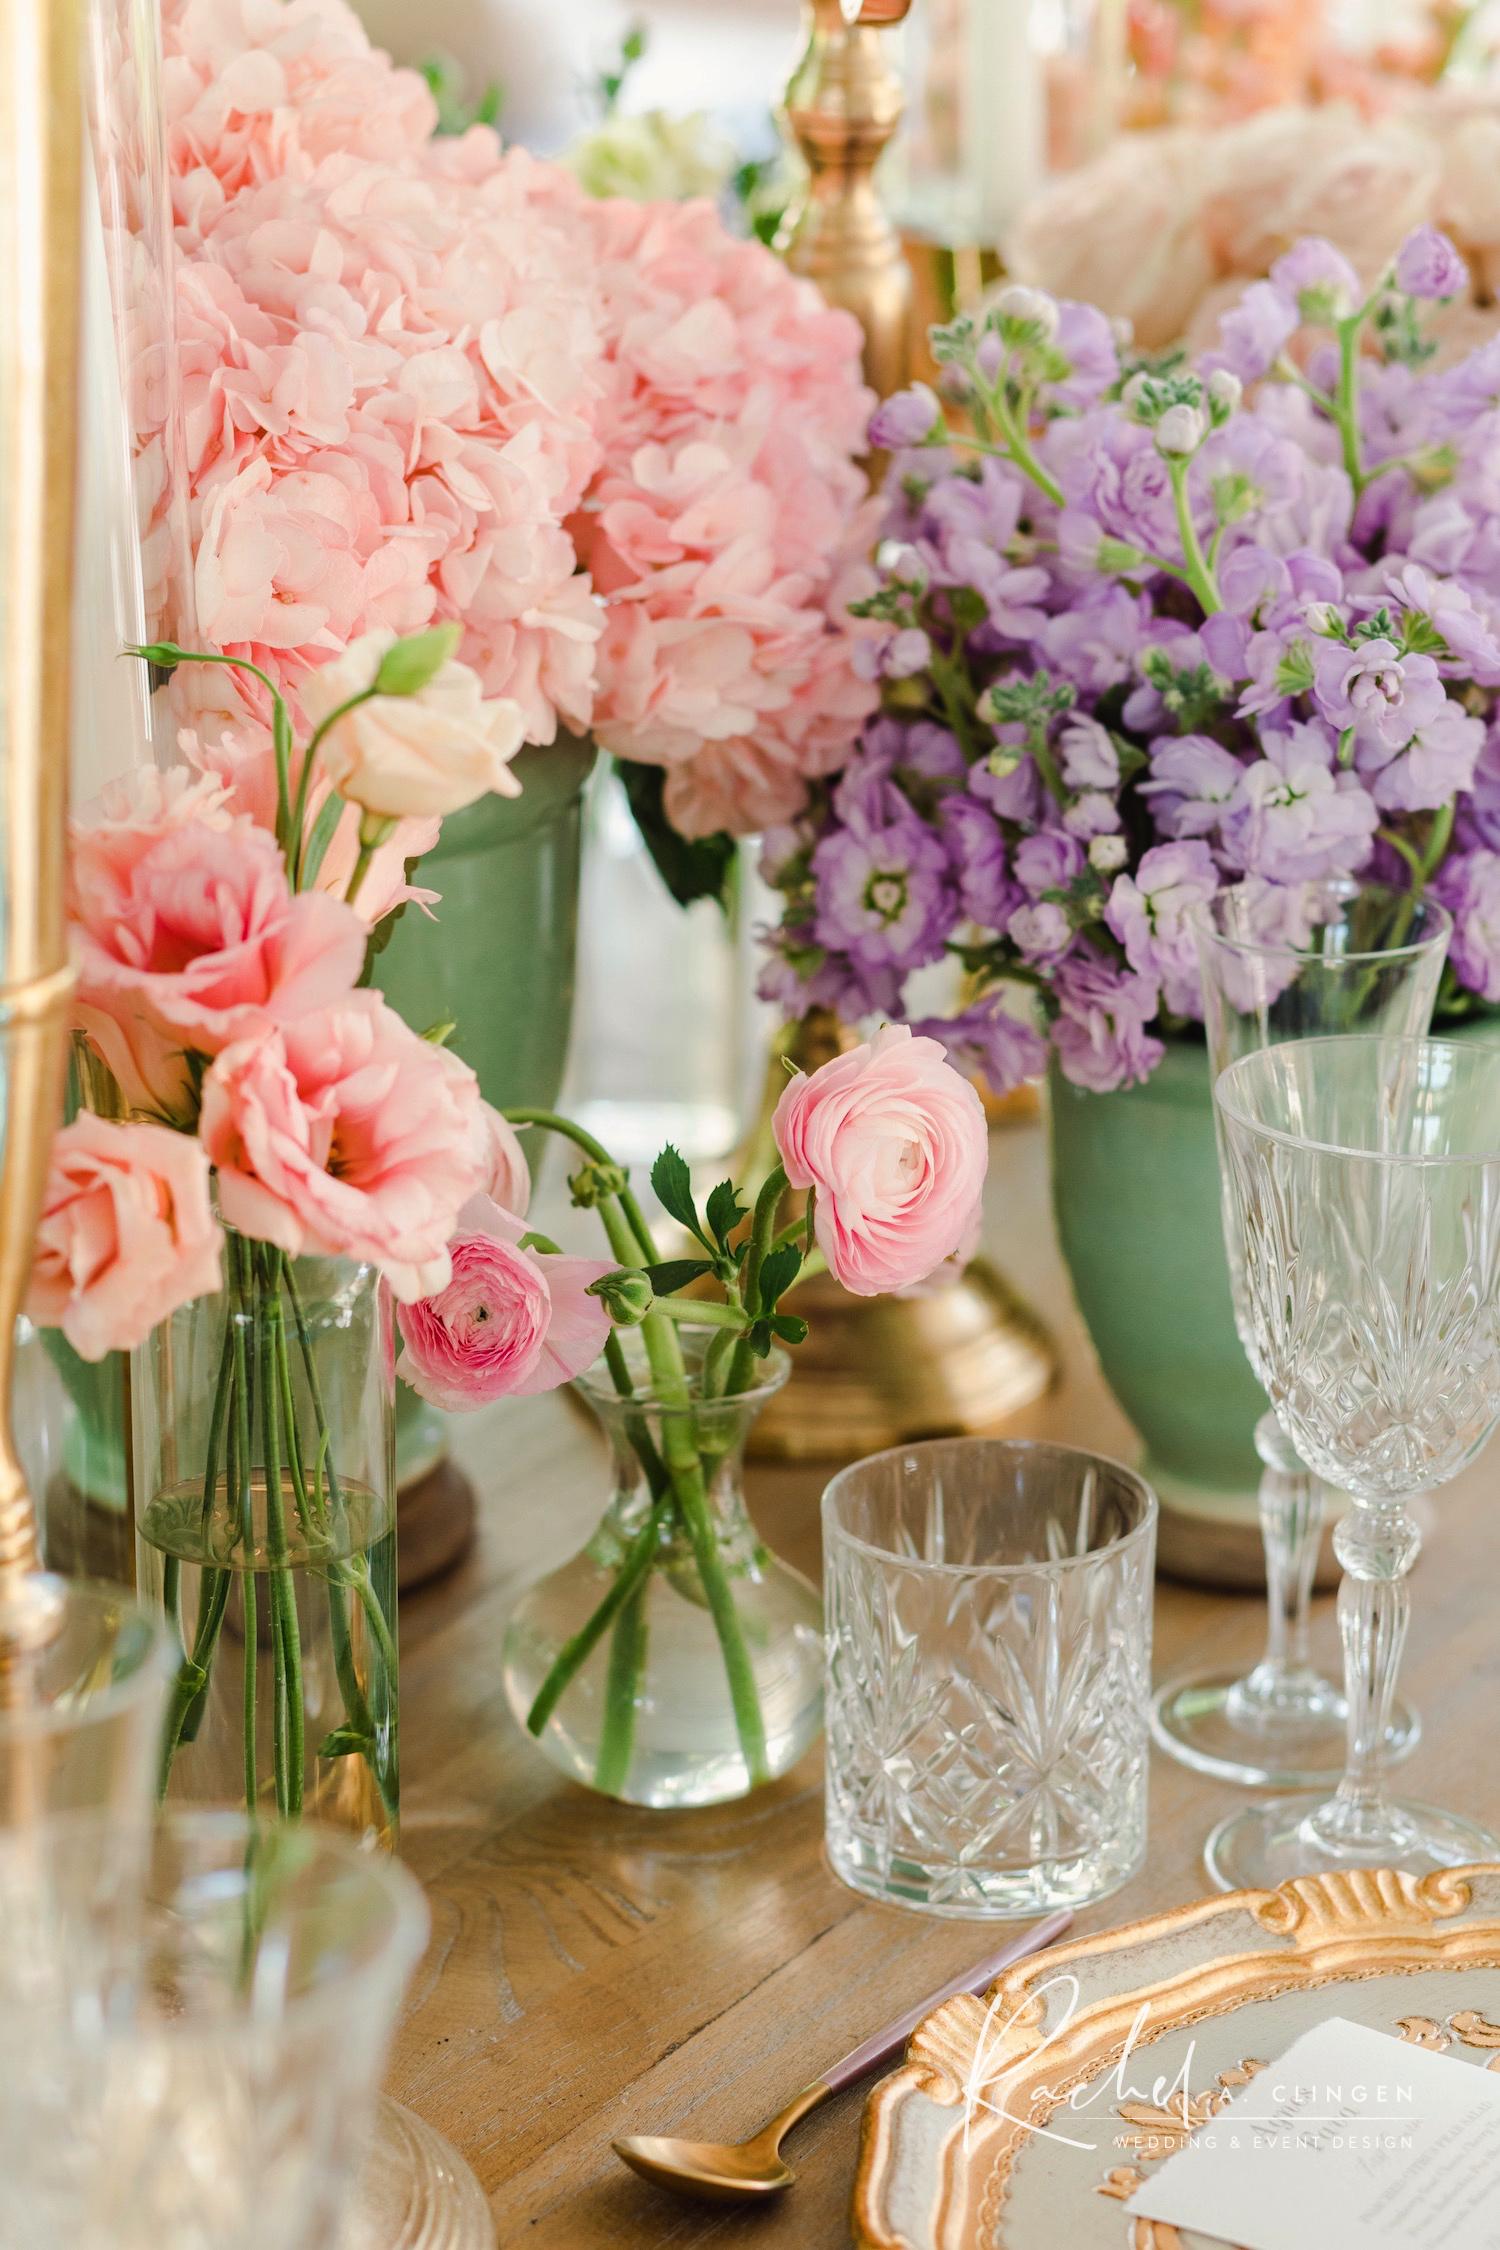 luxury bridal shower centrepieces